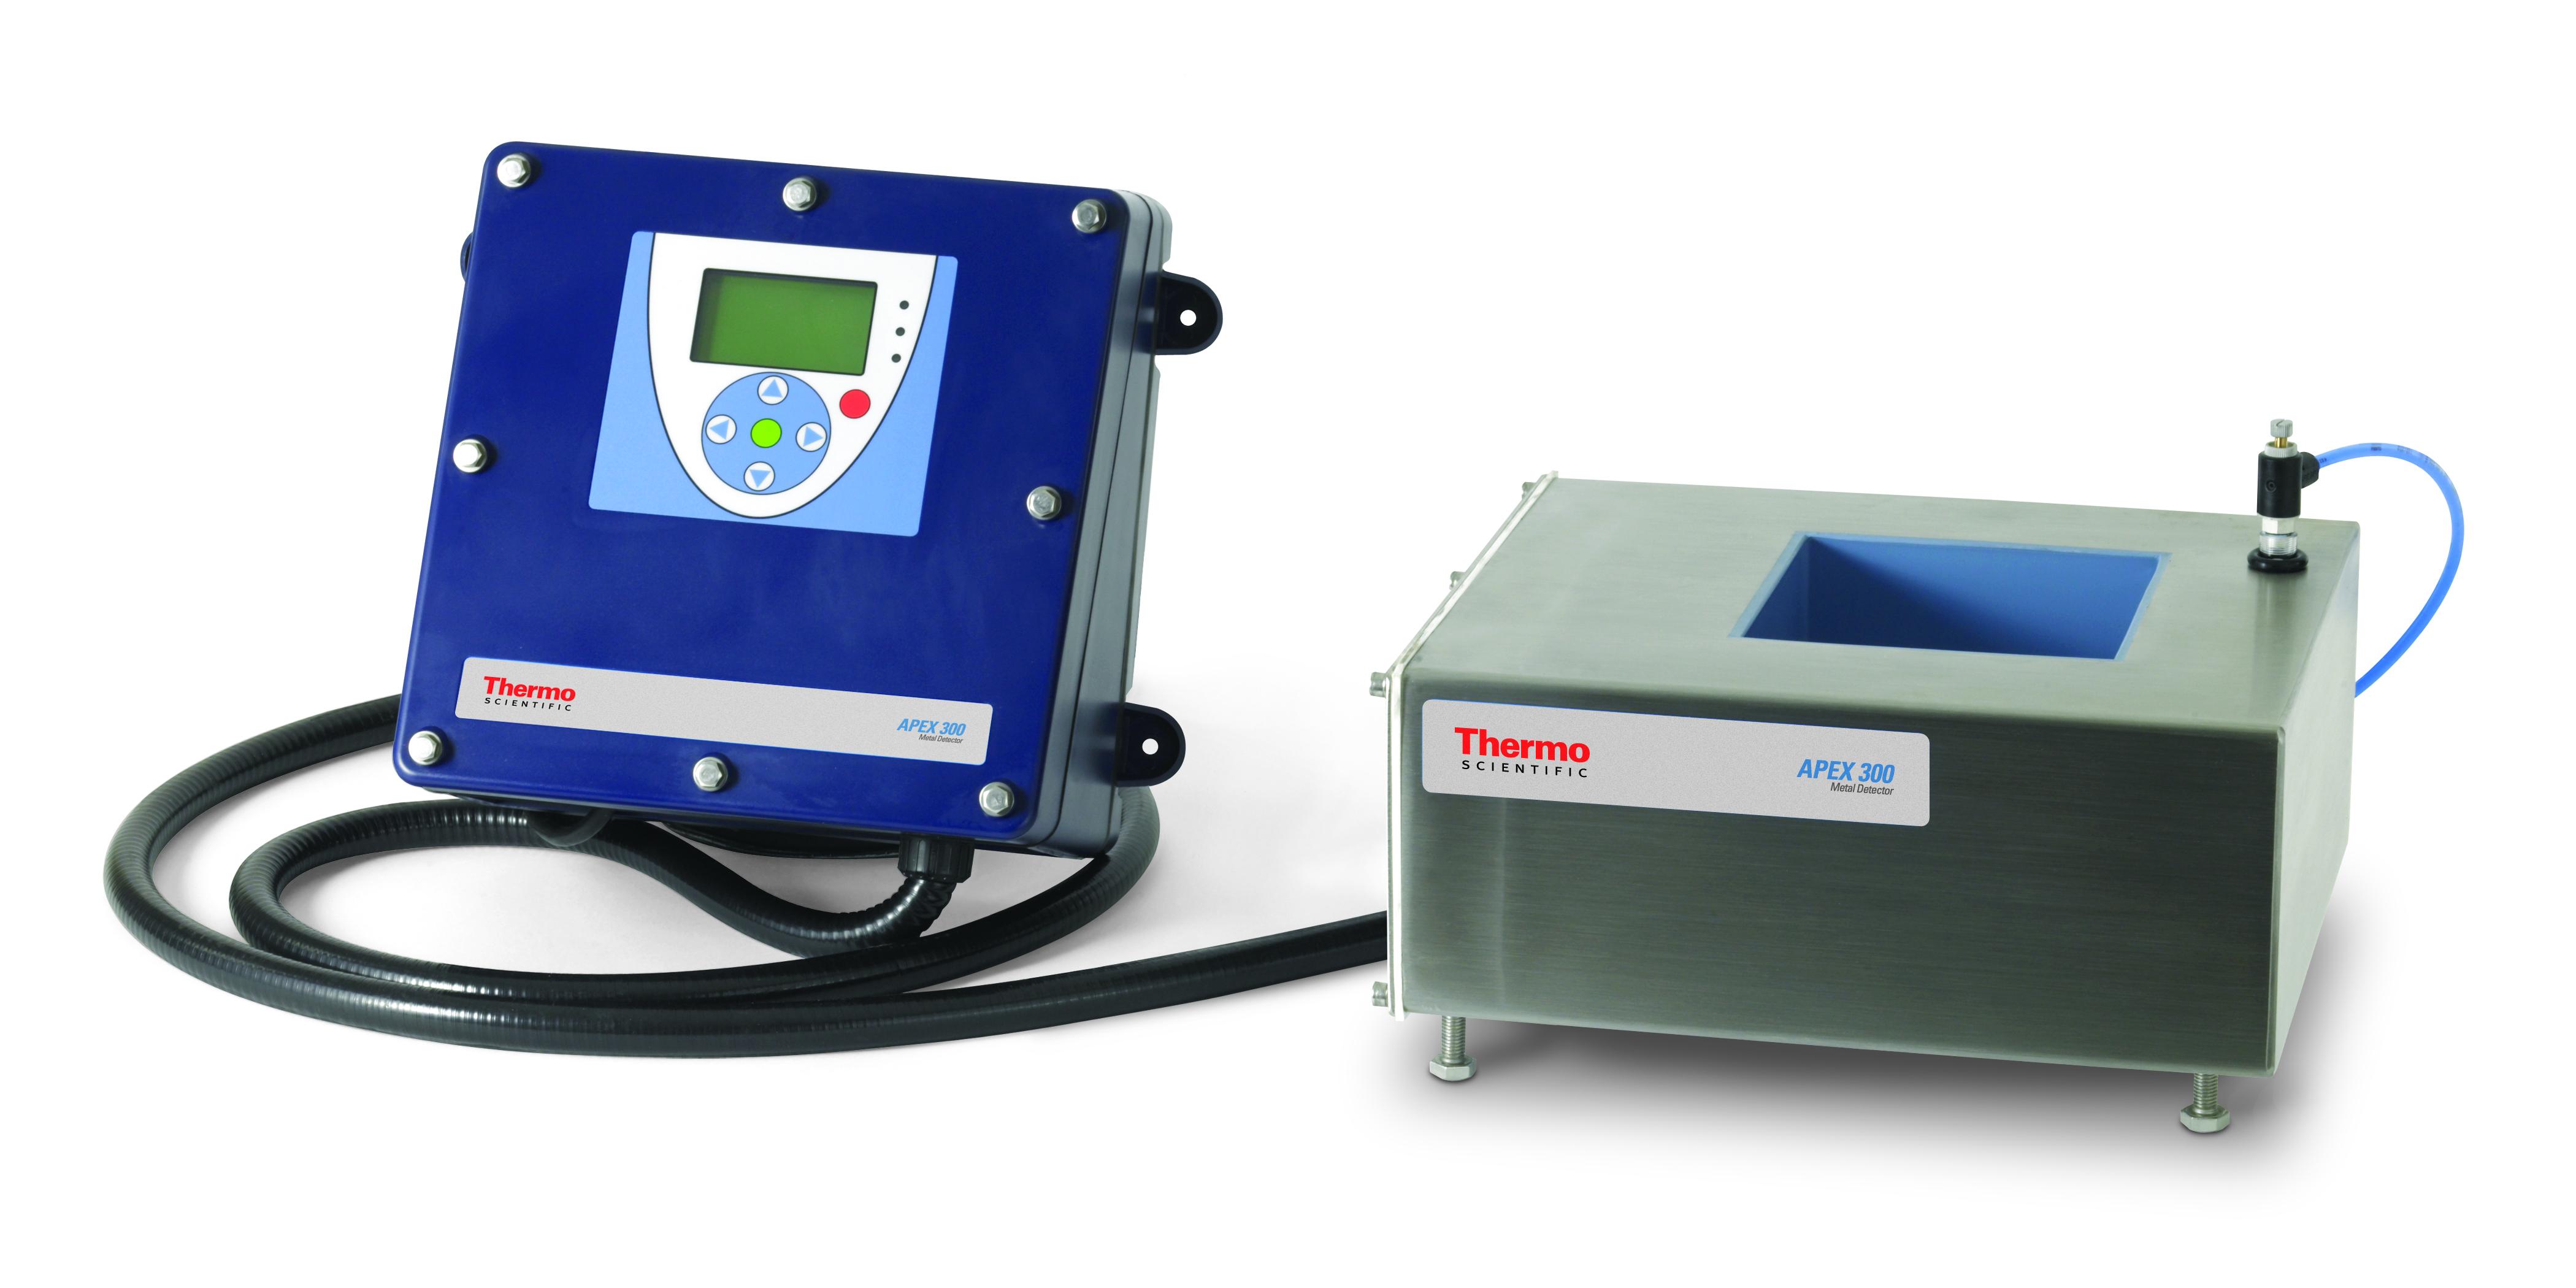 Apex 300 Flexible Metal Detector